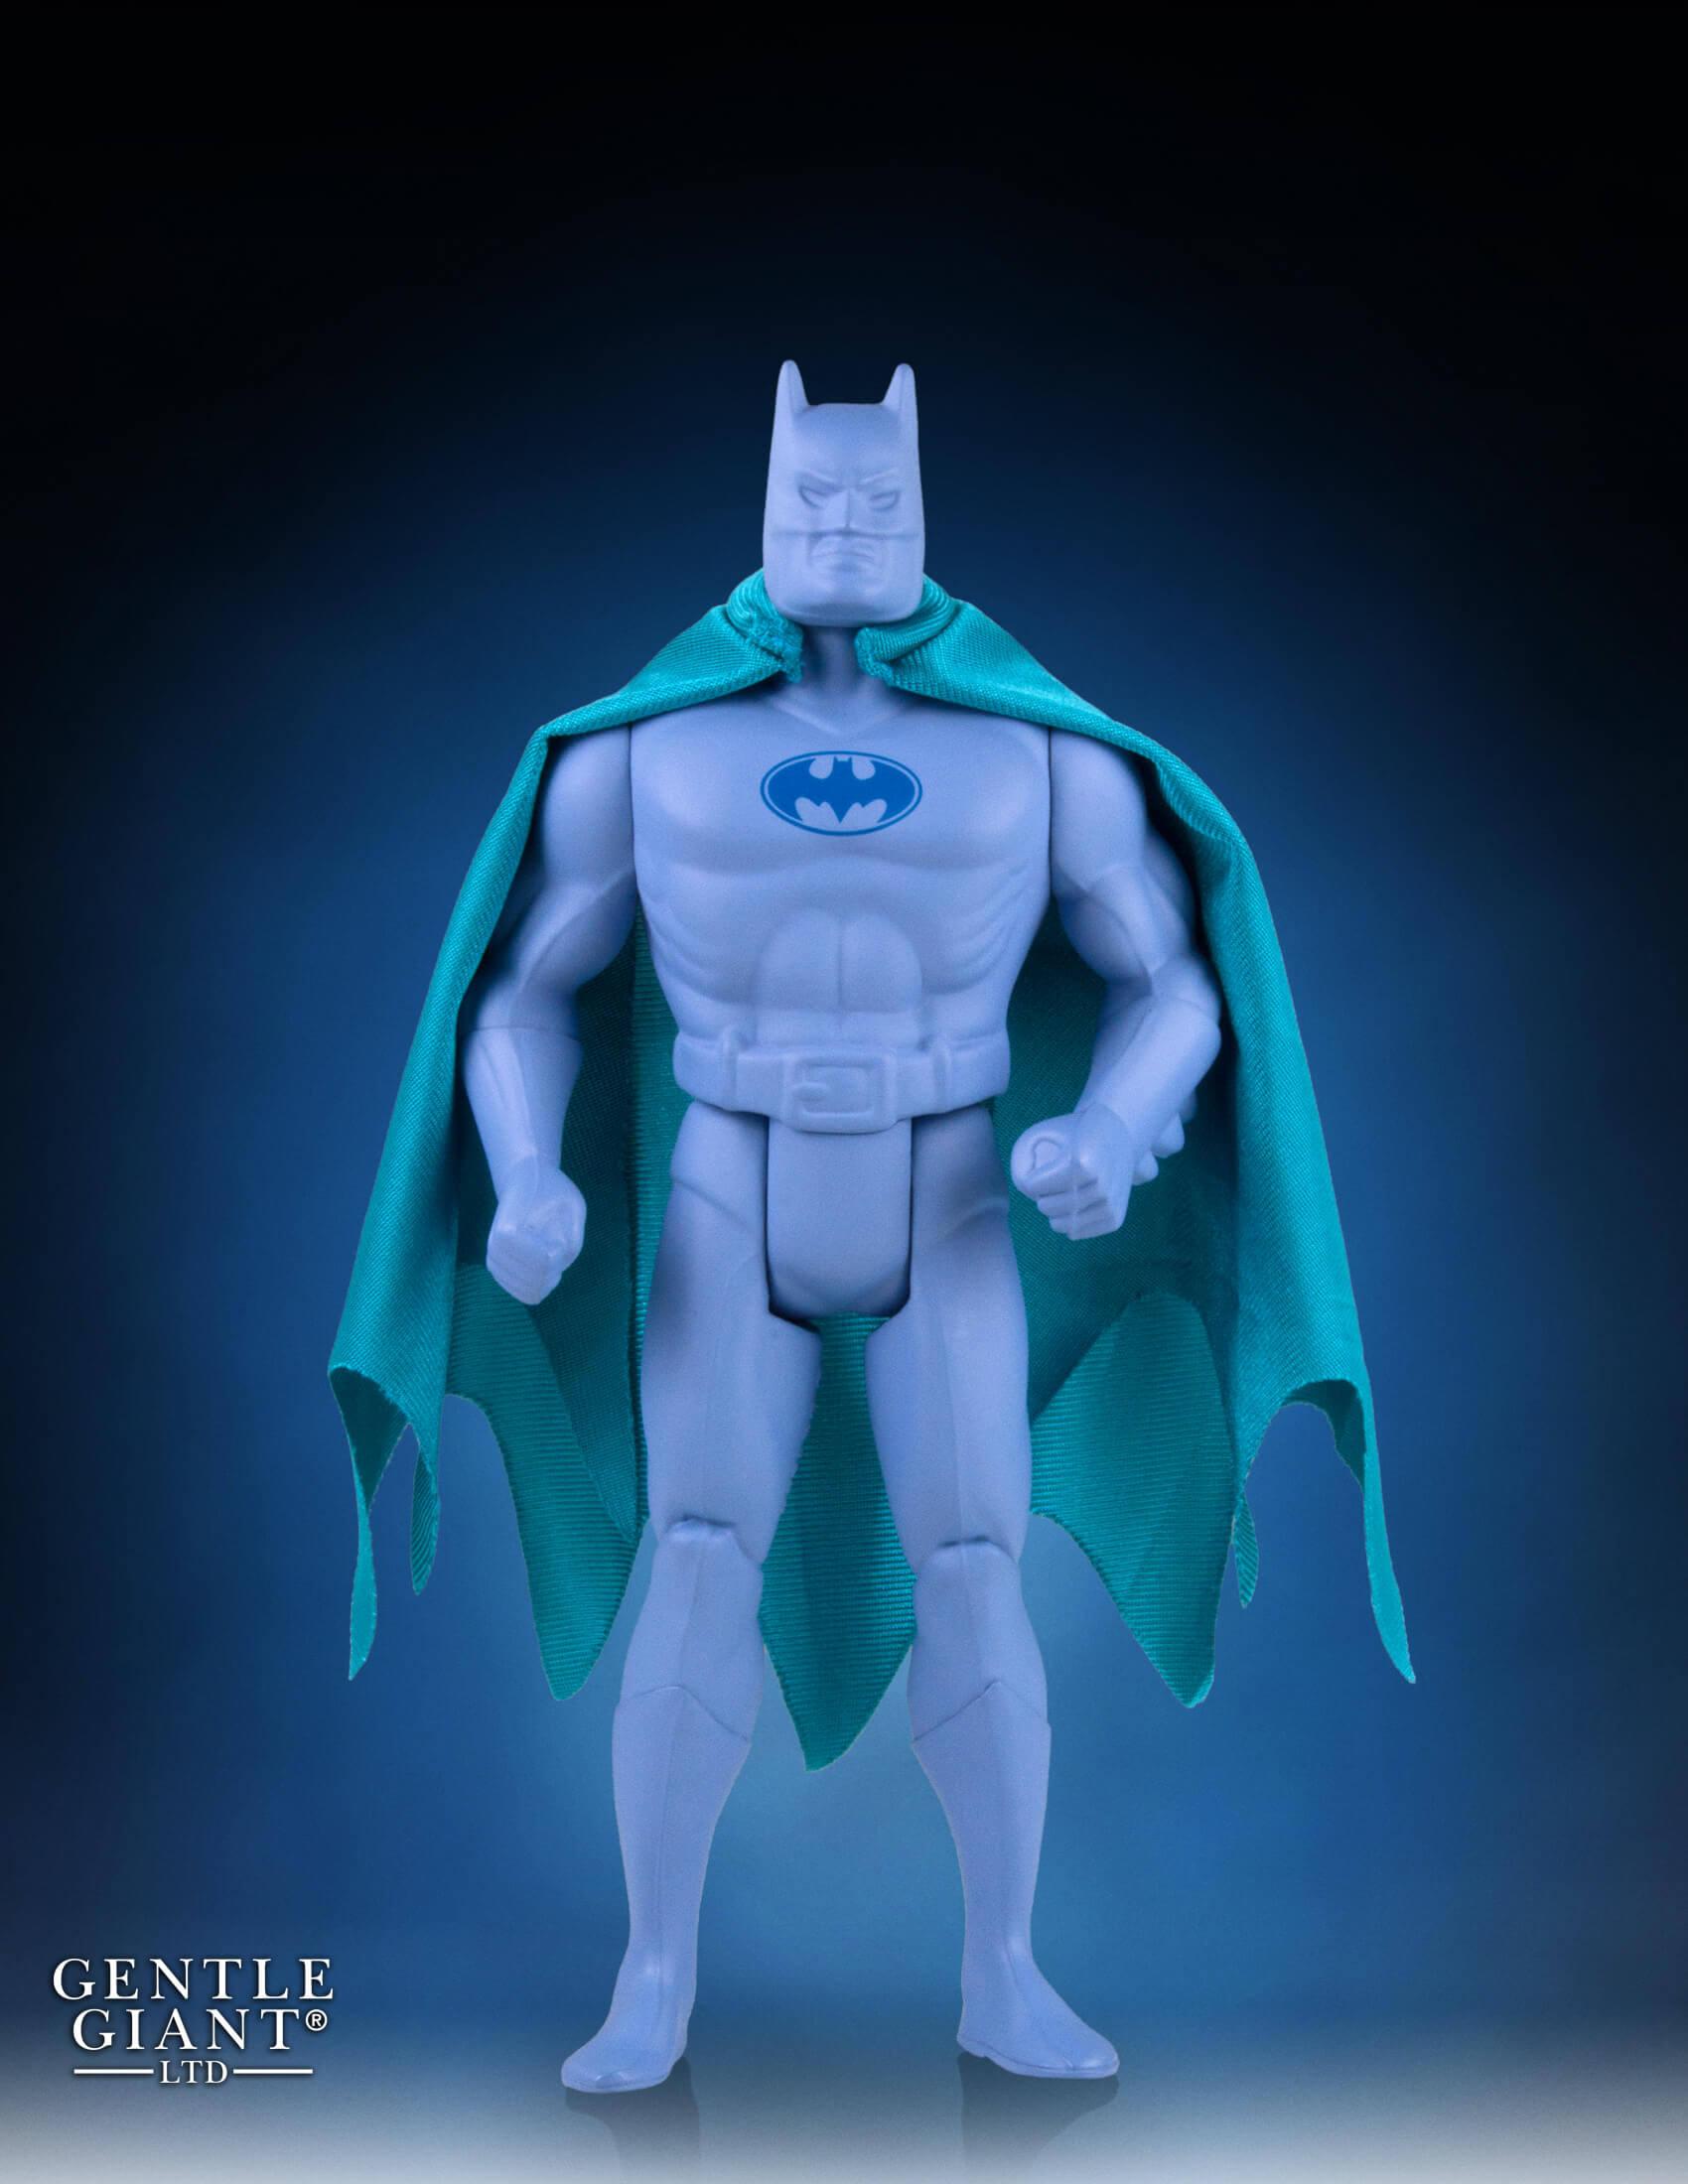 Super Powers SDCC 2016 Gentle Giant Excl Superman Prototype 1:6 Jumbo Figure